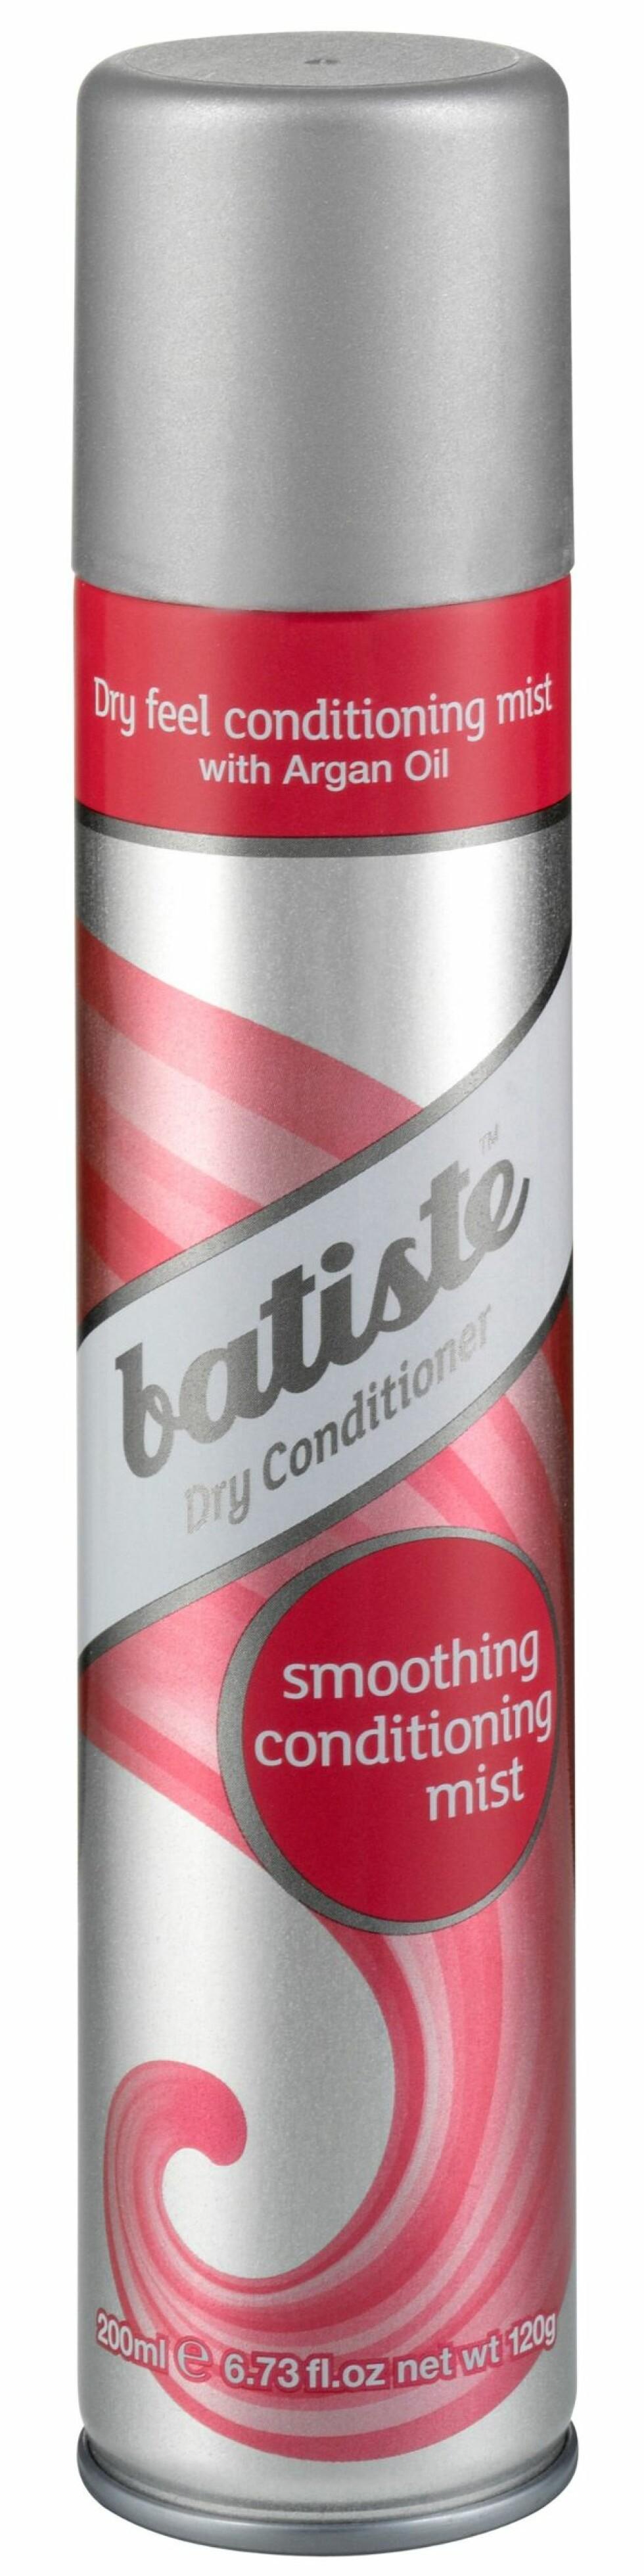 Dry Conditioner Mist fra Batiste, kr 79,50. Foto: Produsenten